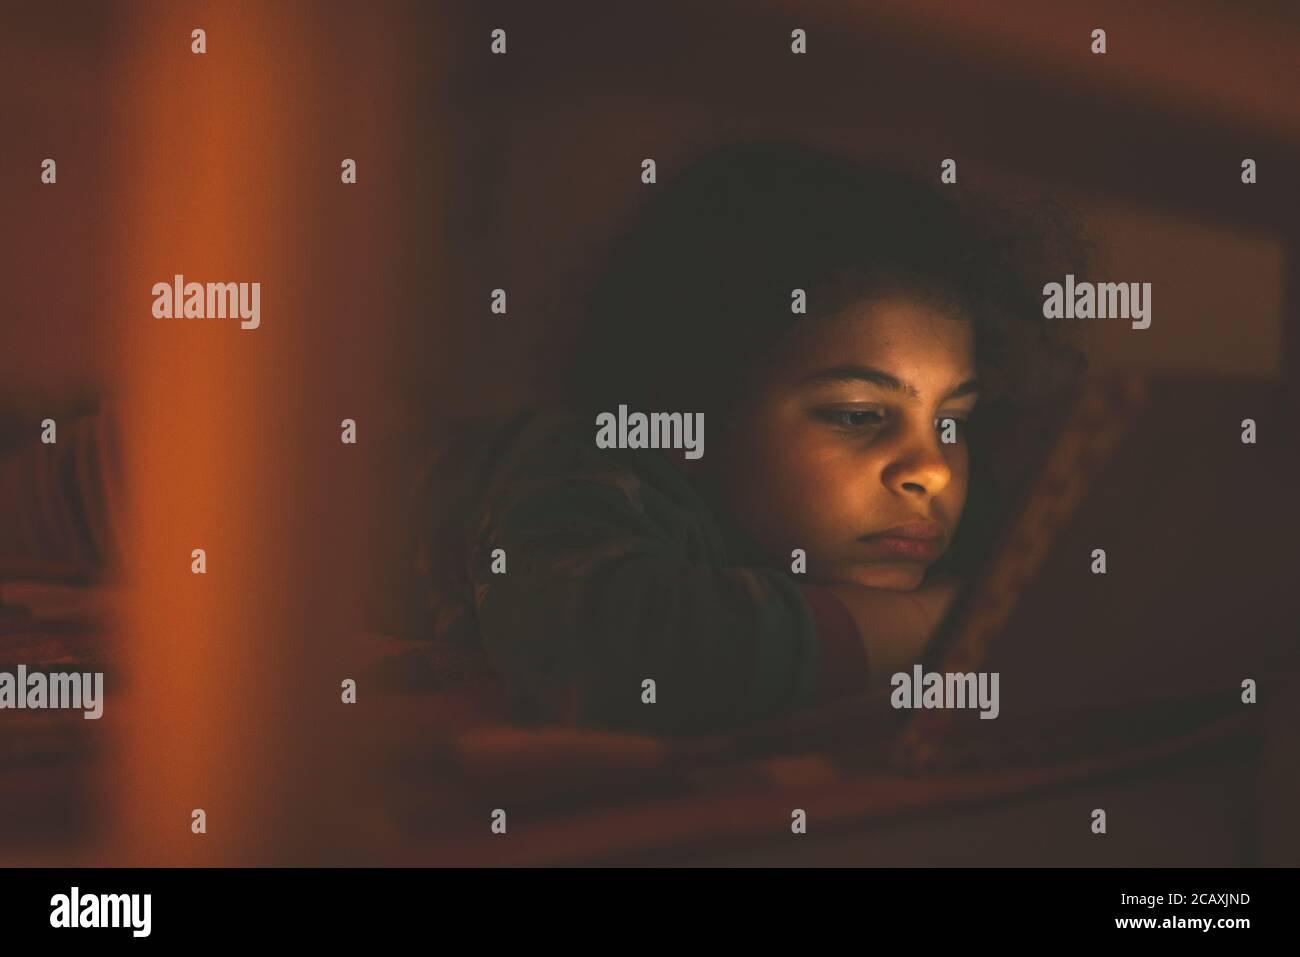 Kleines Mädchen im Alter von 8 Jahren ist mit ihrem digitalen Tablet in ihrem Bett. Sie wird nur von der Helligkeit des Bildschirms beleuchtet. Stockfoto